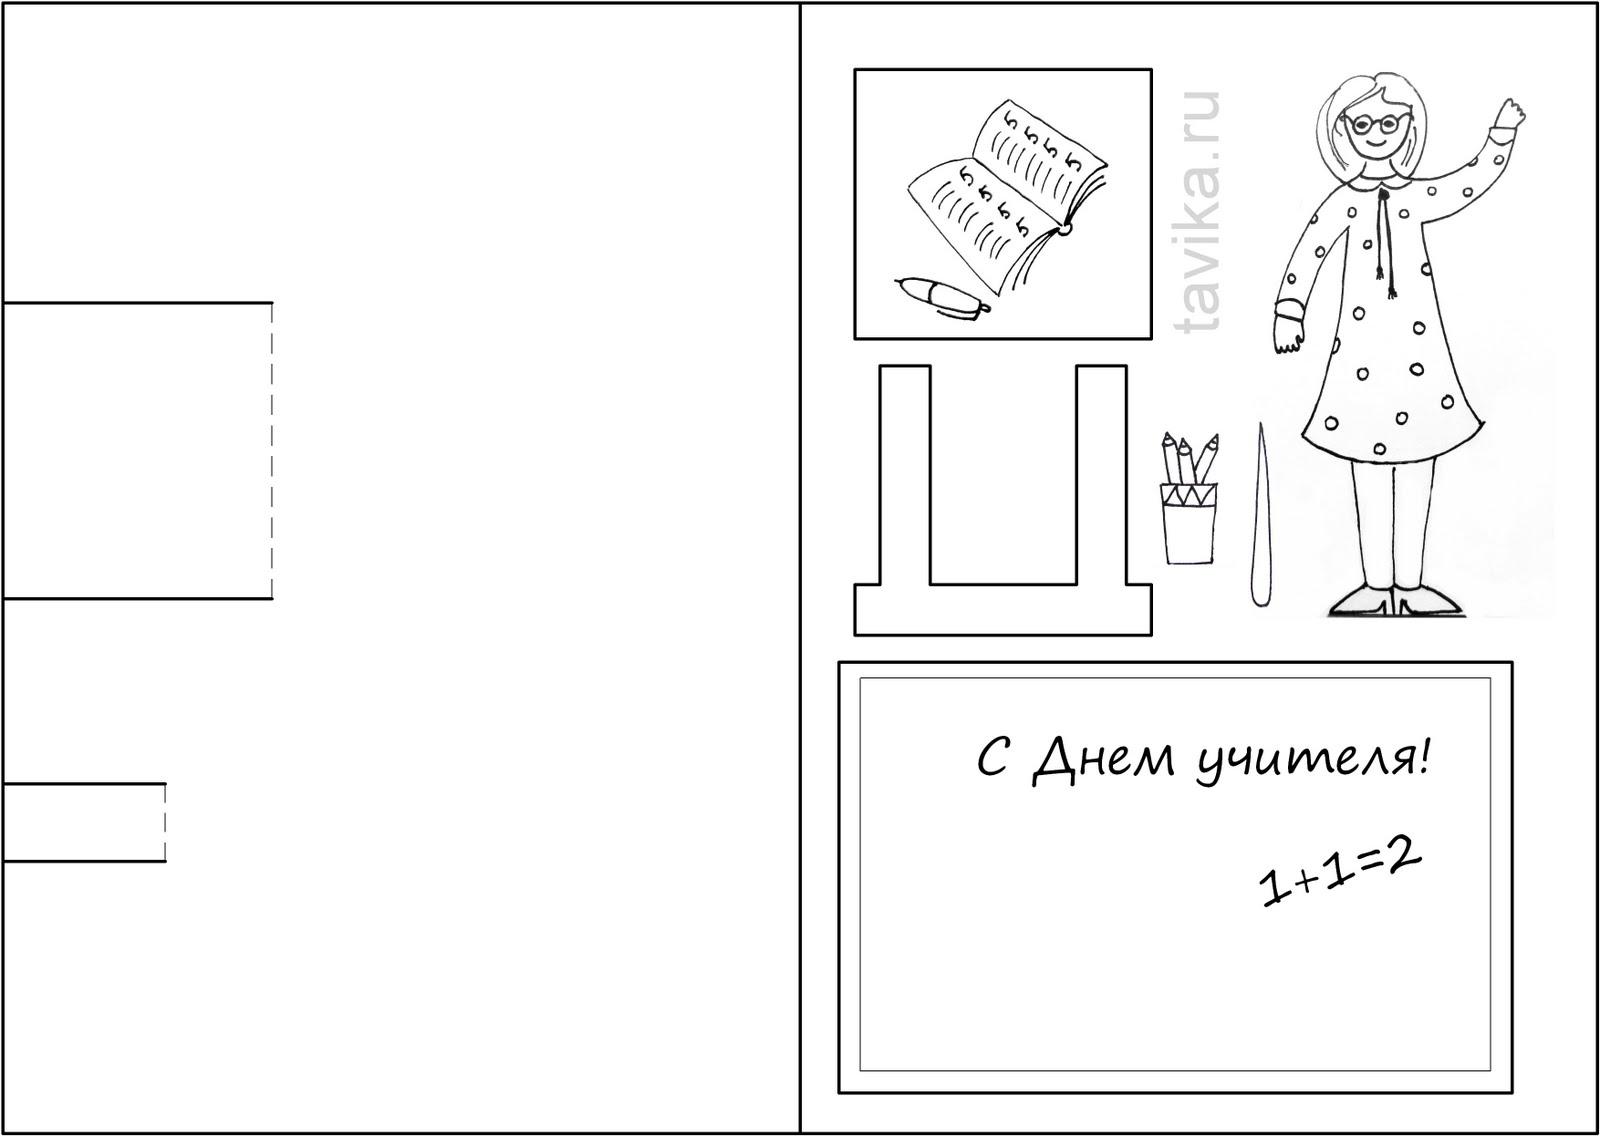 открытки к дню учителя картинки нарисованные